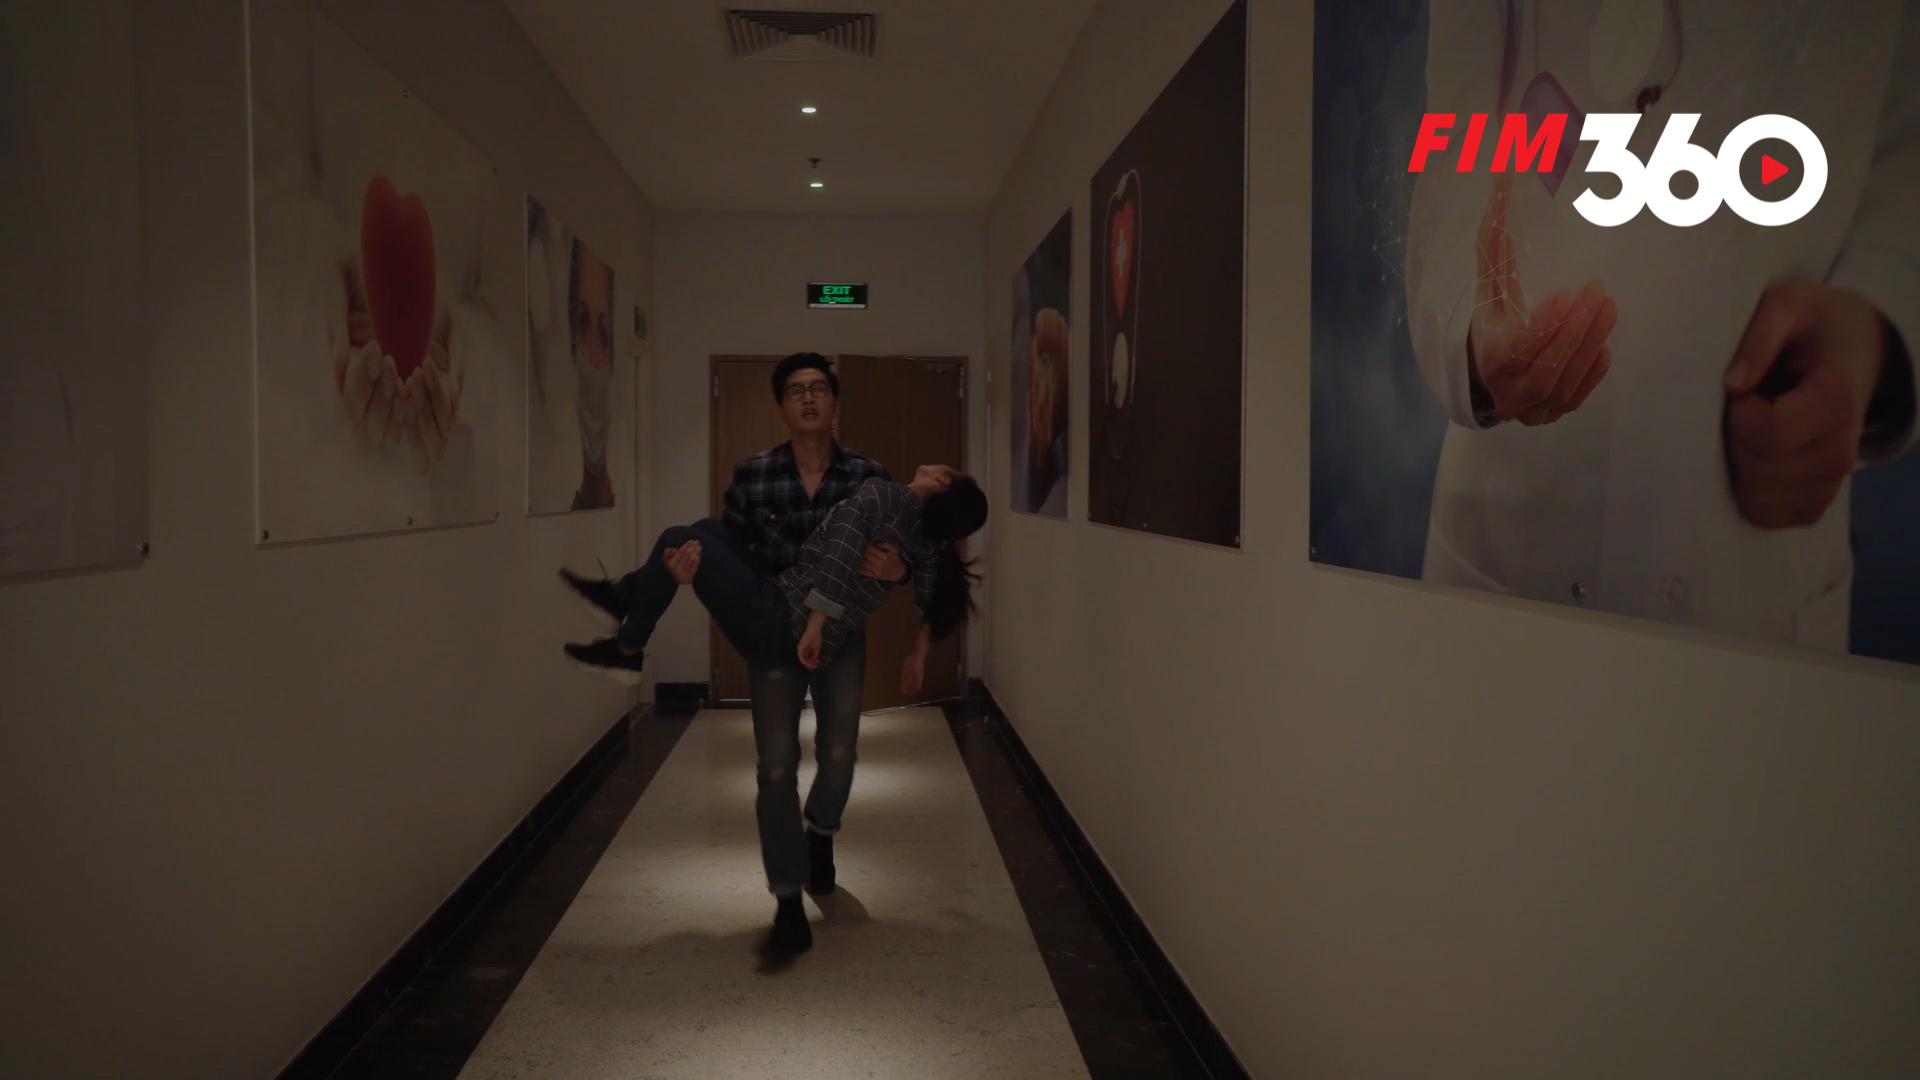 Hân bất ngờ ngất xỉu, Bảo tha thiết mong 'bạn gái' đừng rời đi trong tập 36 'Mặt nạ hạnh phúc' 3